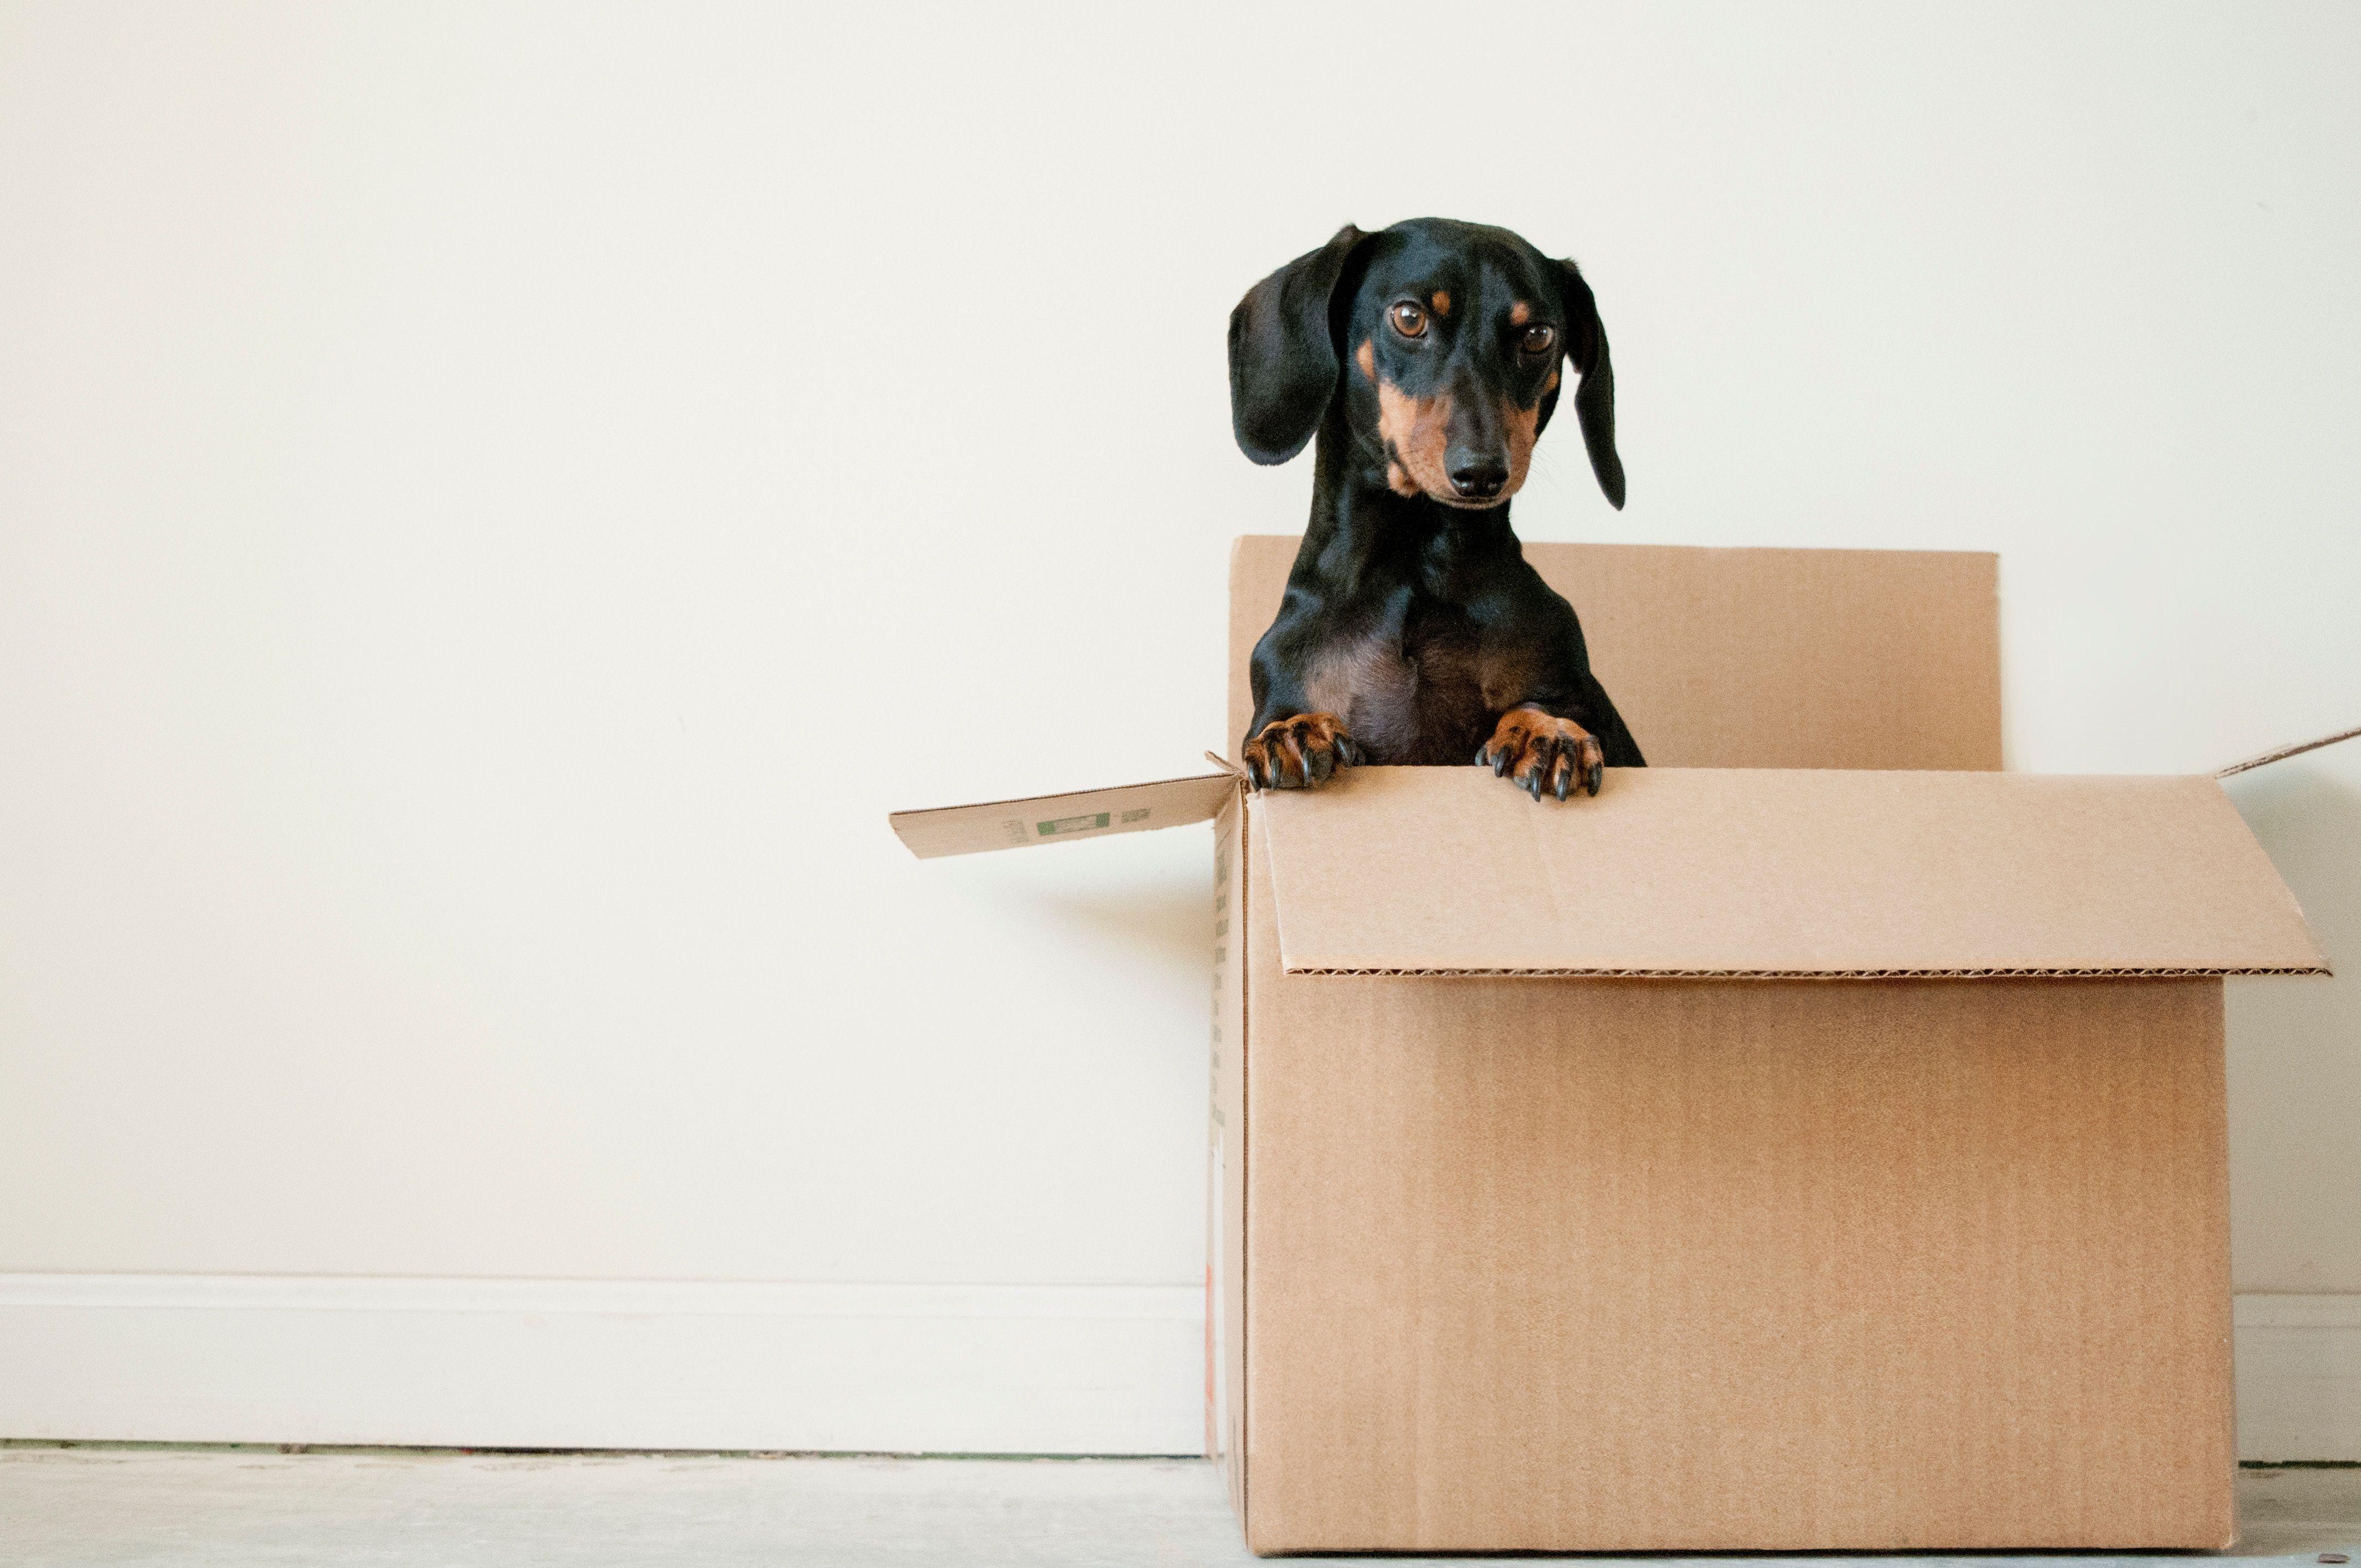 Porta les teves coses a la teva nova casa amb total seguretat FOTO: Cedida